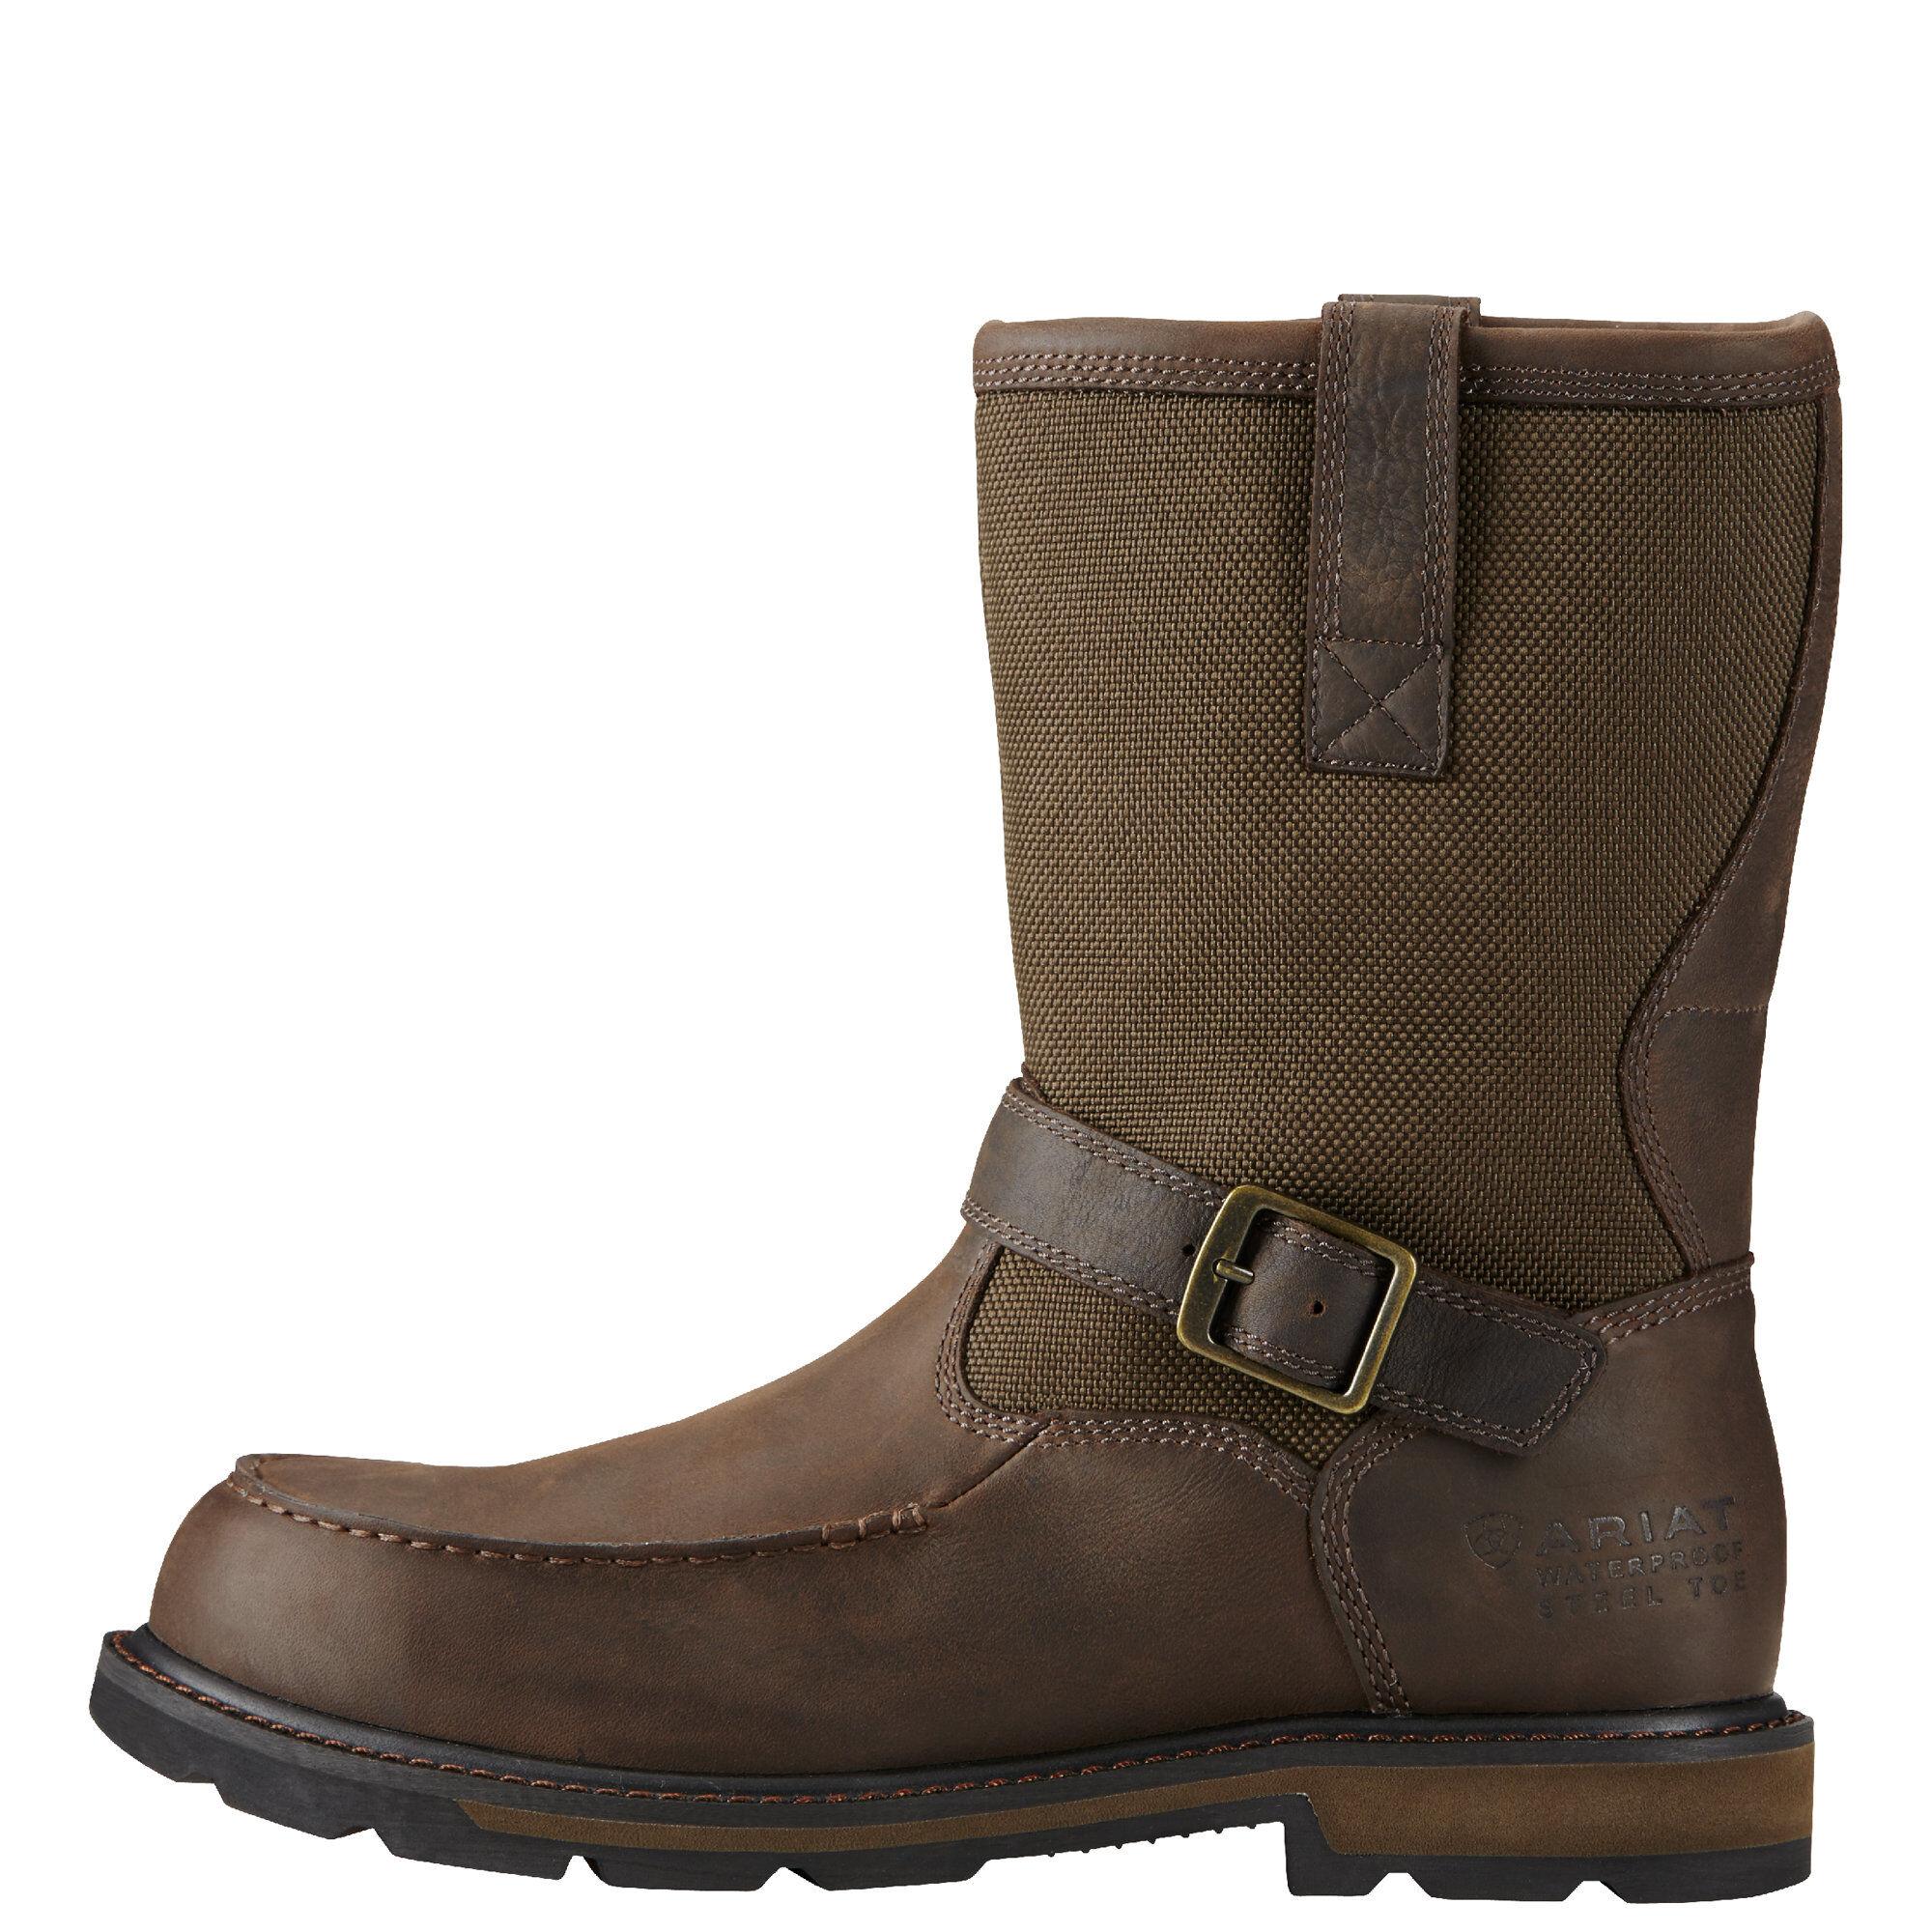 4a546f5a9d5 Groundbreaker Moc Toe Waterproof Steel Toe Work Boot